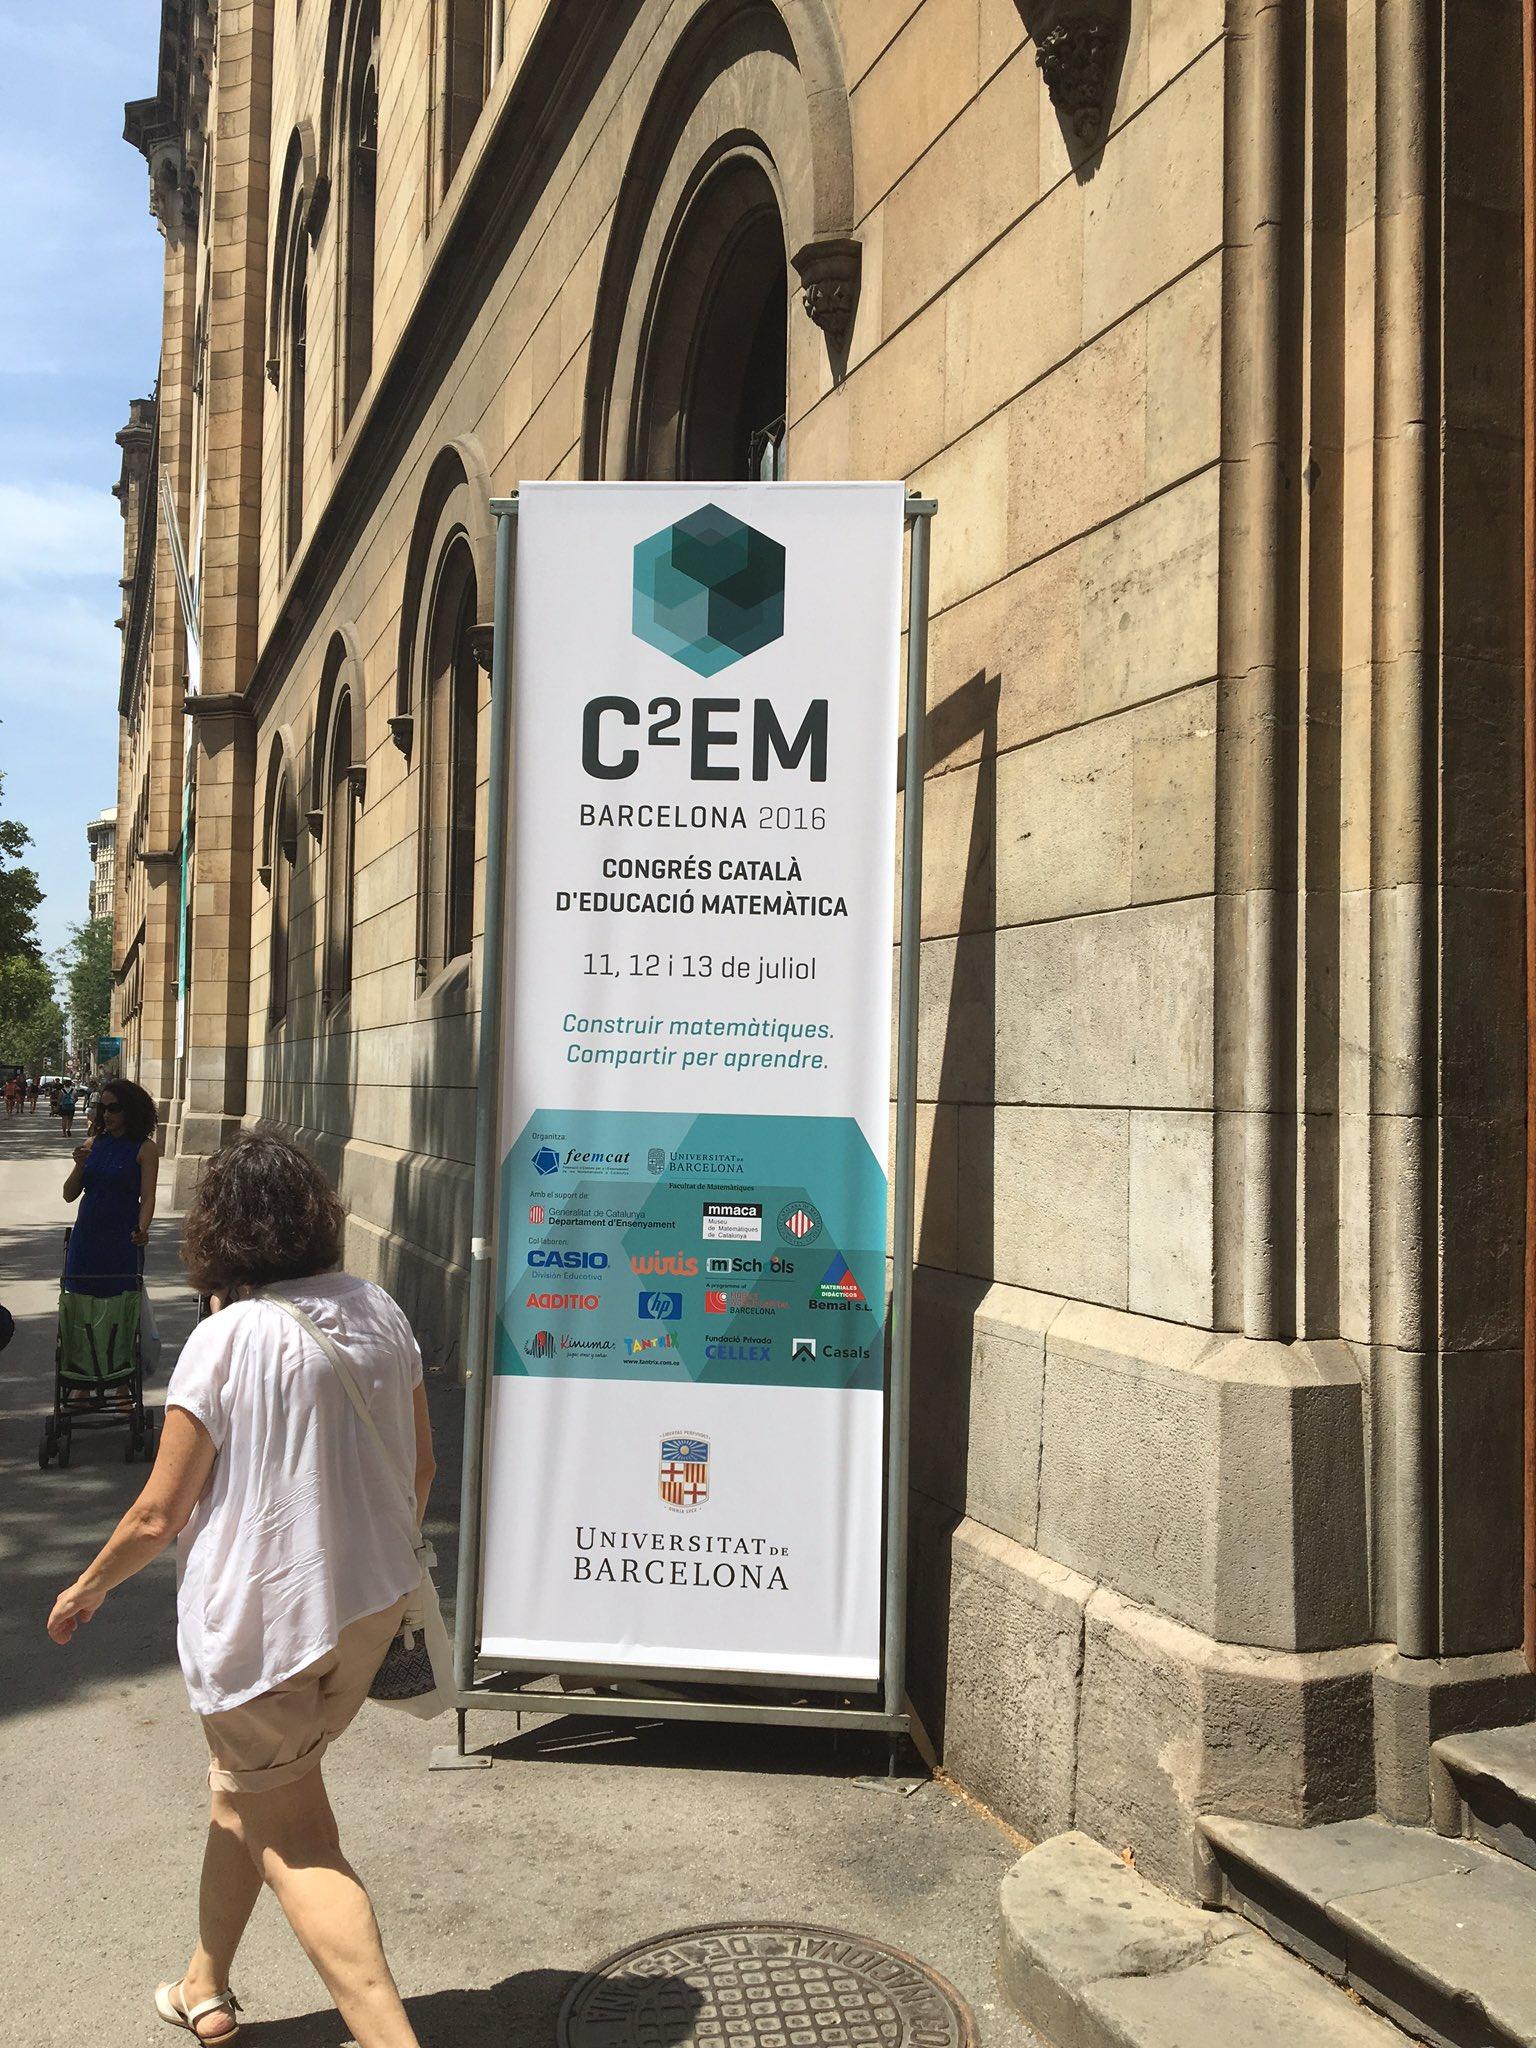 Tot preparat pel Congrés català d'educació metemàtica a la Fac de mates @UniBarcelona #c2em https://t.co/twP9J8IRyS https://t.co/lVeJfPx5GF